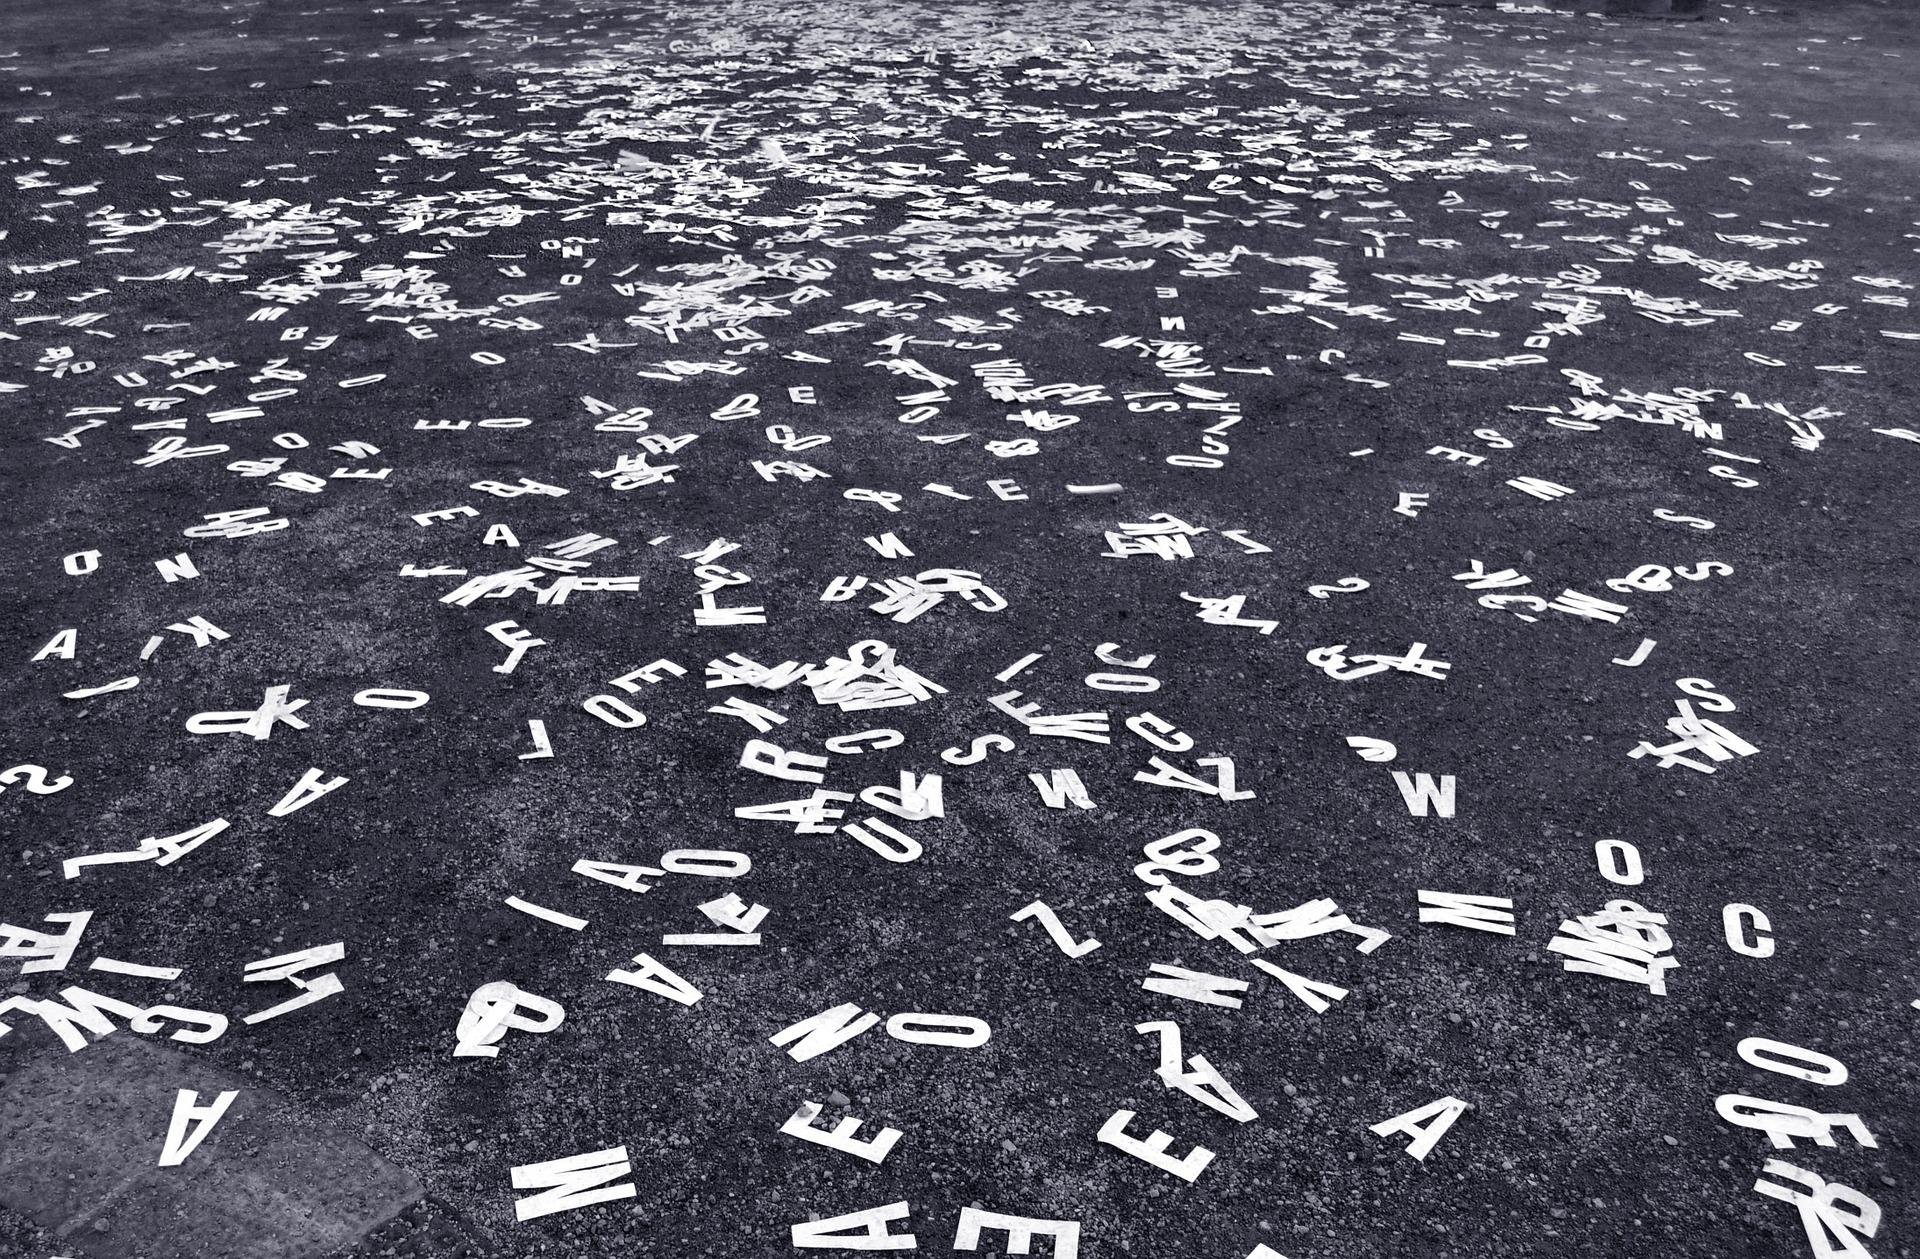 Asphalt und viele Buchstaben darauf